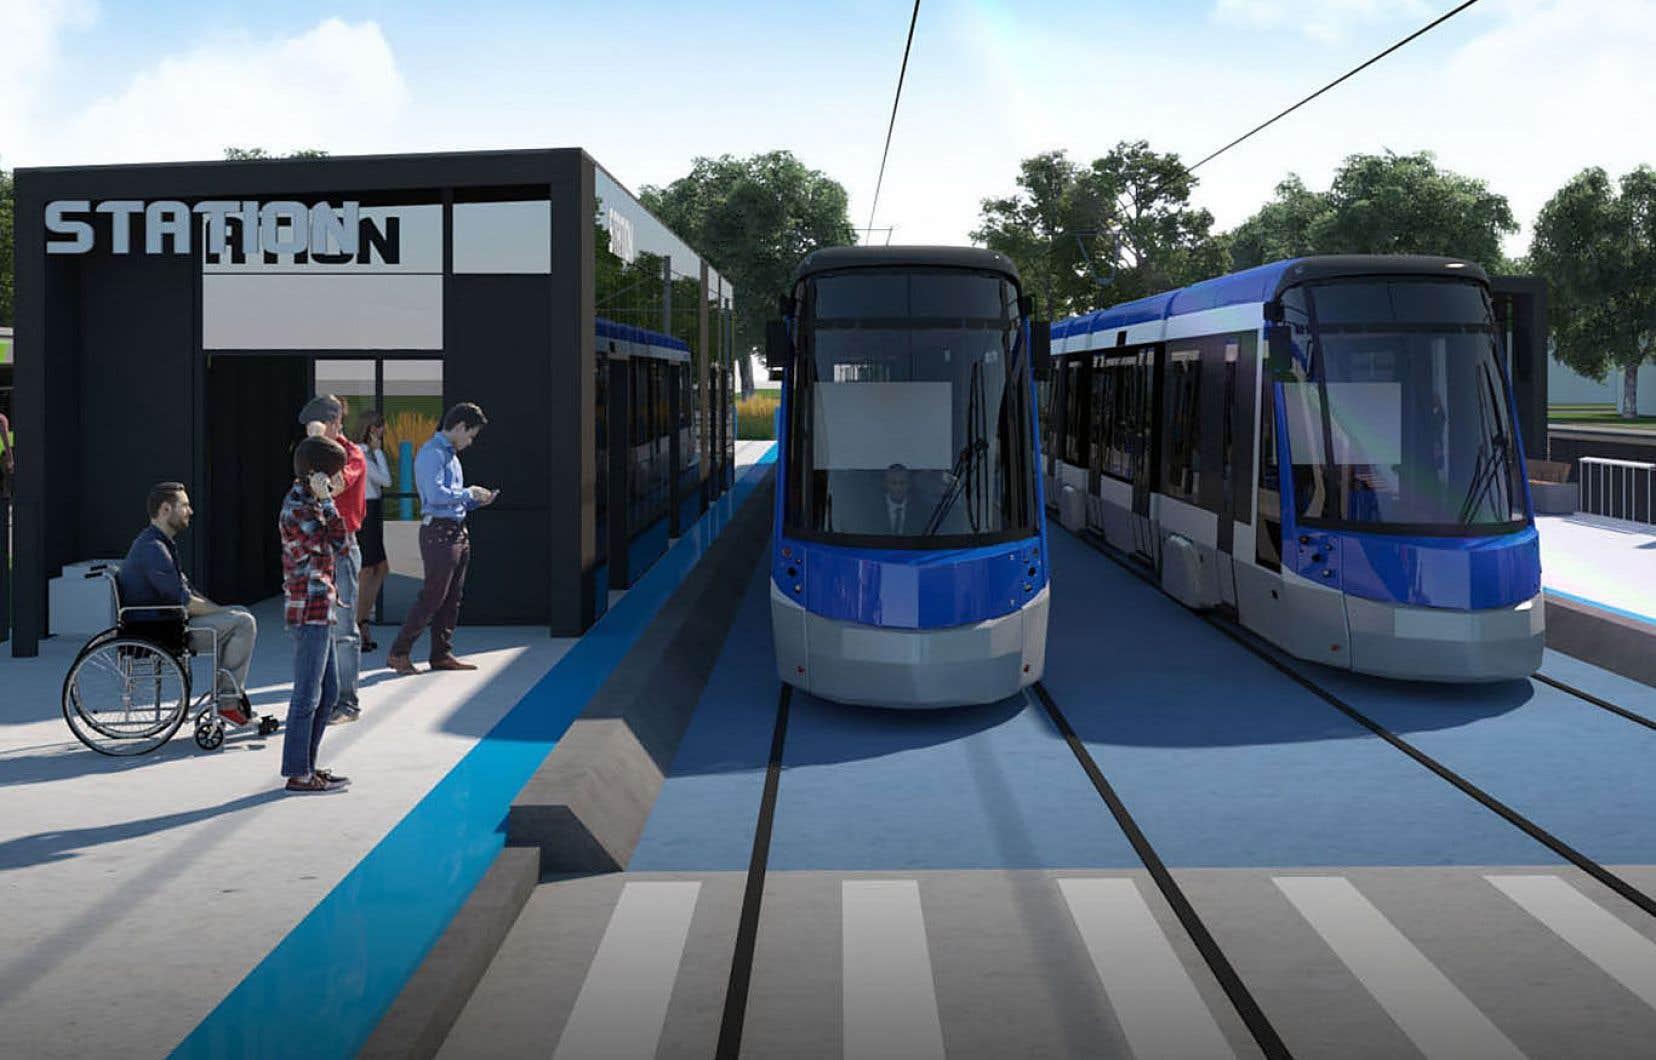 Le projet de tramway suscite des inquiétudes au sein de la population ces derniers jours, au point où le groupe d'opposants au trajet dans le secteur de Sainte-Foy commence à s'étendre ailleurs sur le territoire.